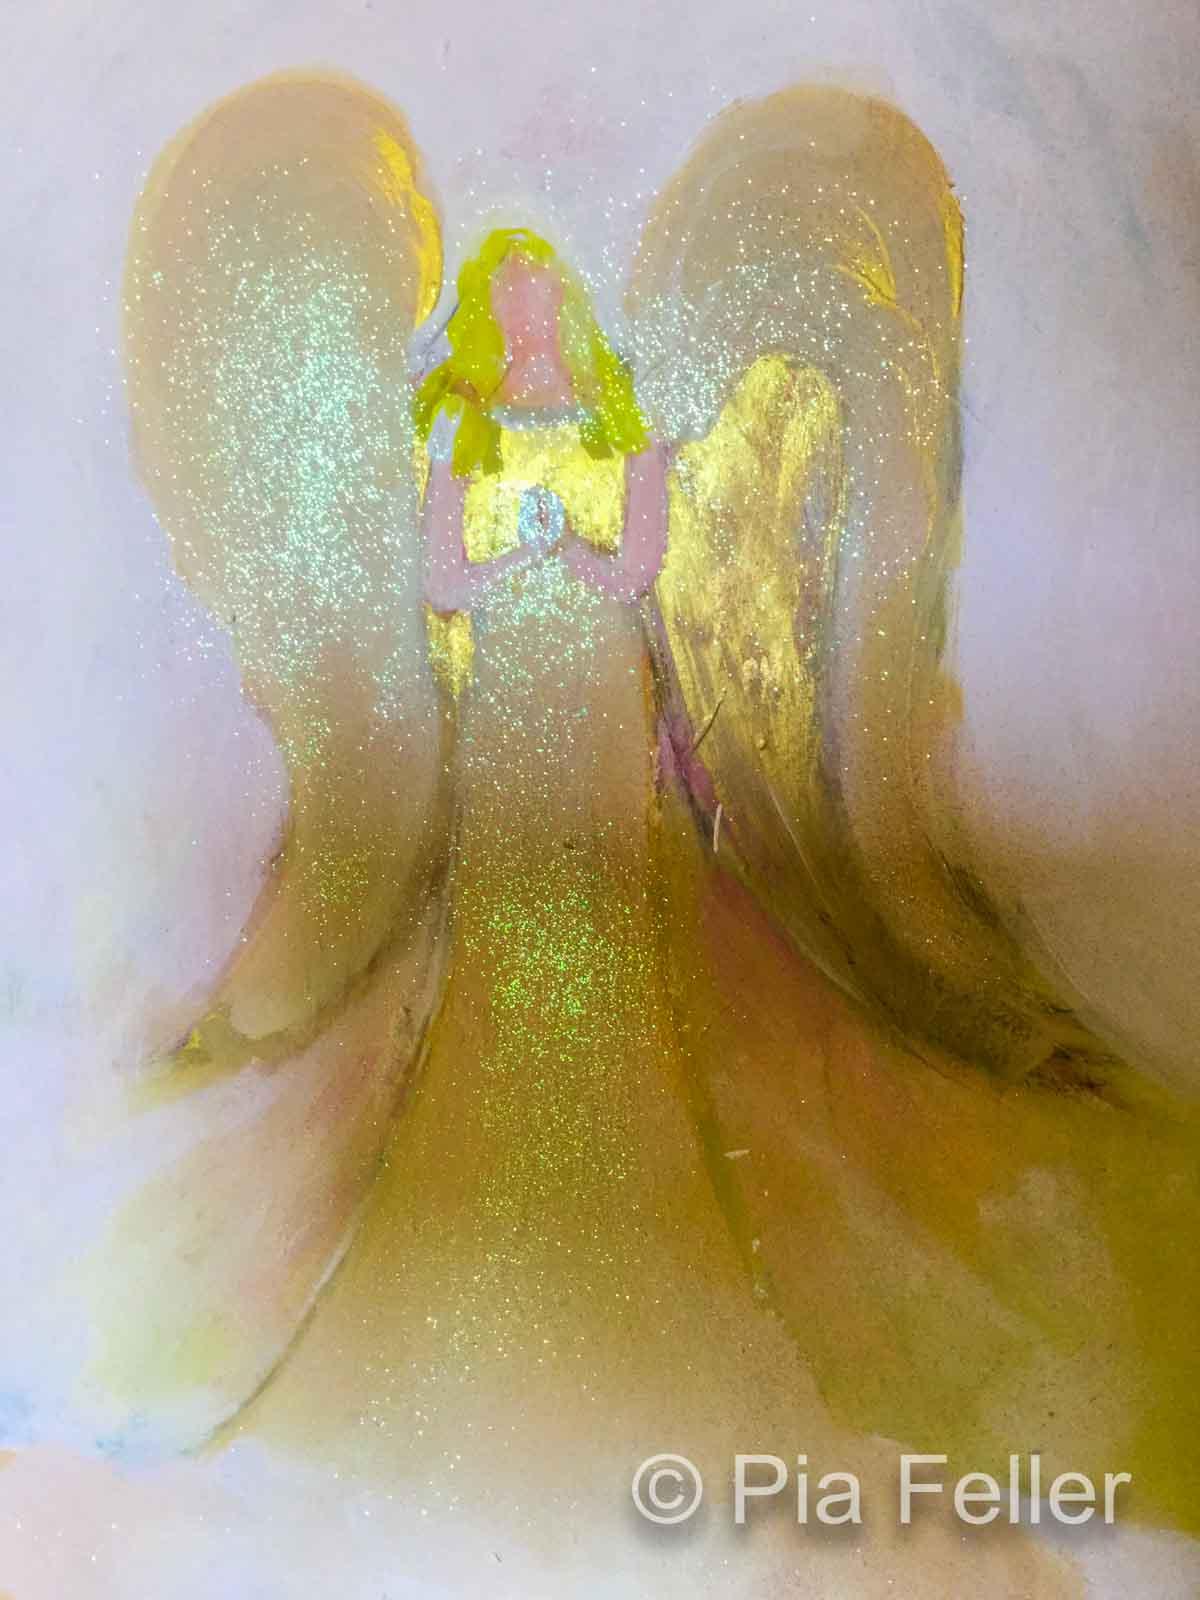 engel-selber-gemalt-5